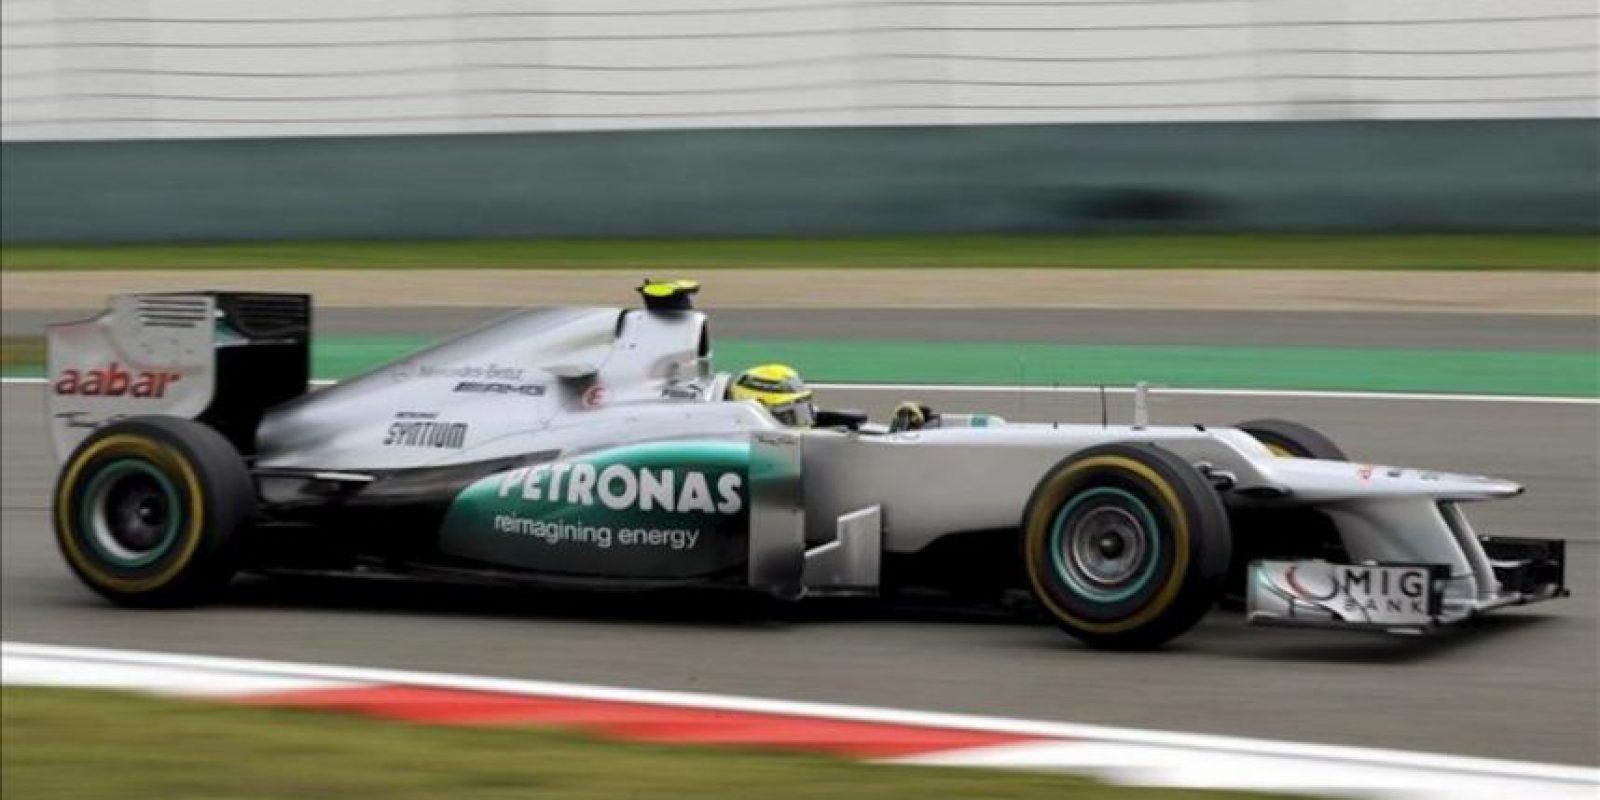 El piloto alemán Nico Rosberg de Mercedes AMG en acción hoy, durante la tercera ronda de prácticas en el circuito internacional de Shanghái (China). Este domingo se celebrará el gran premio de China de Formula Uno. EFE